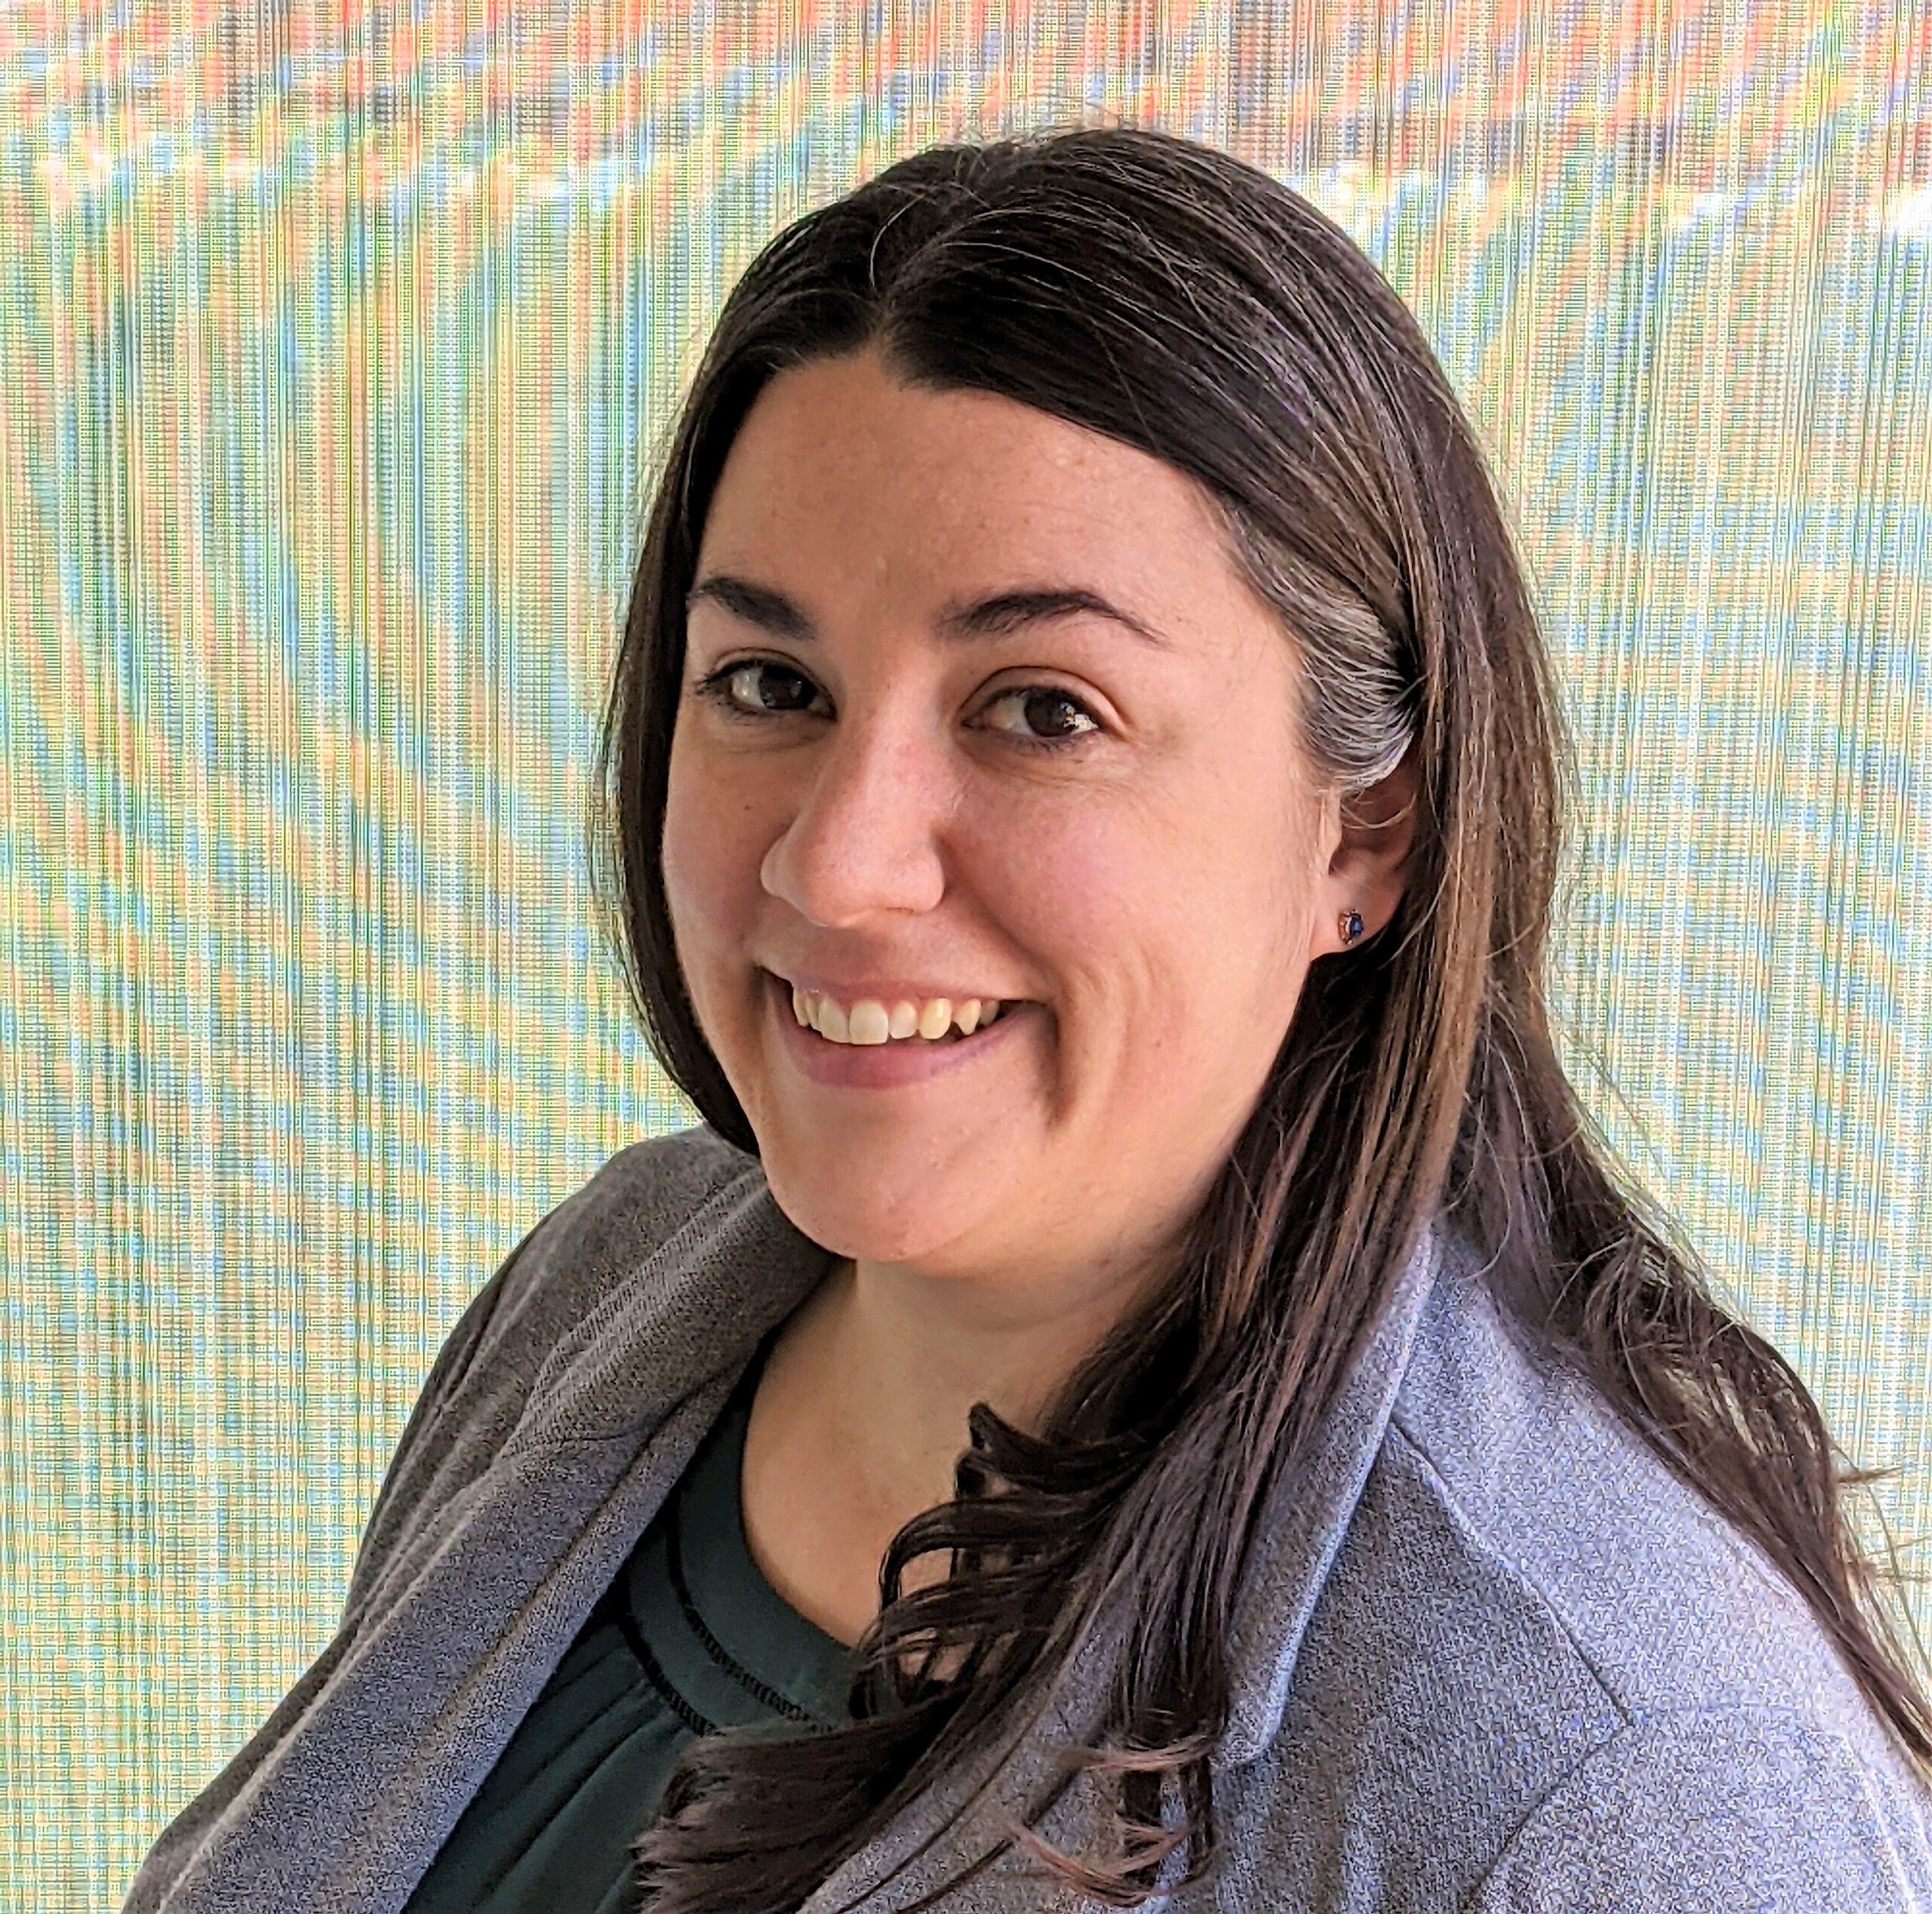 Loryn Cesario